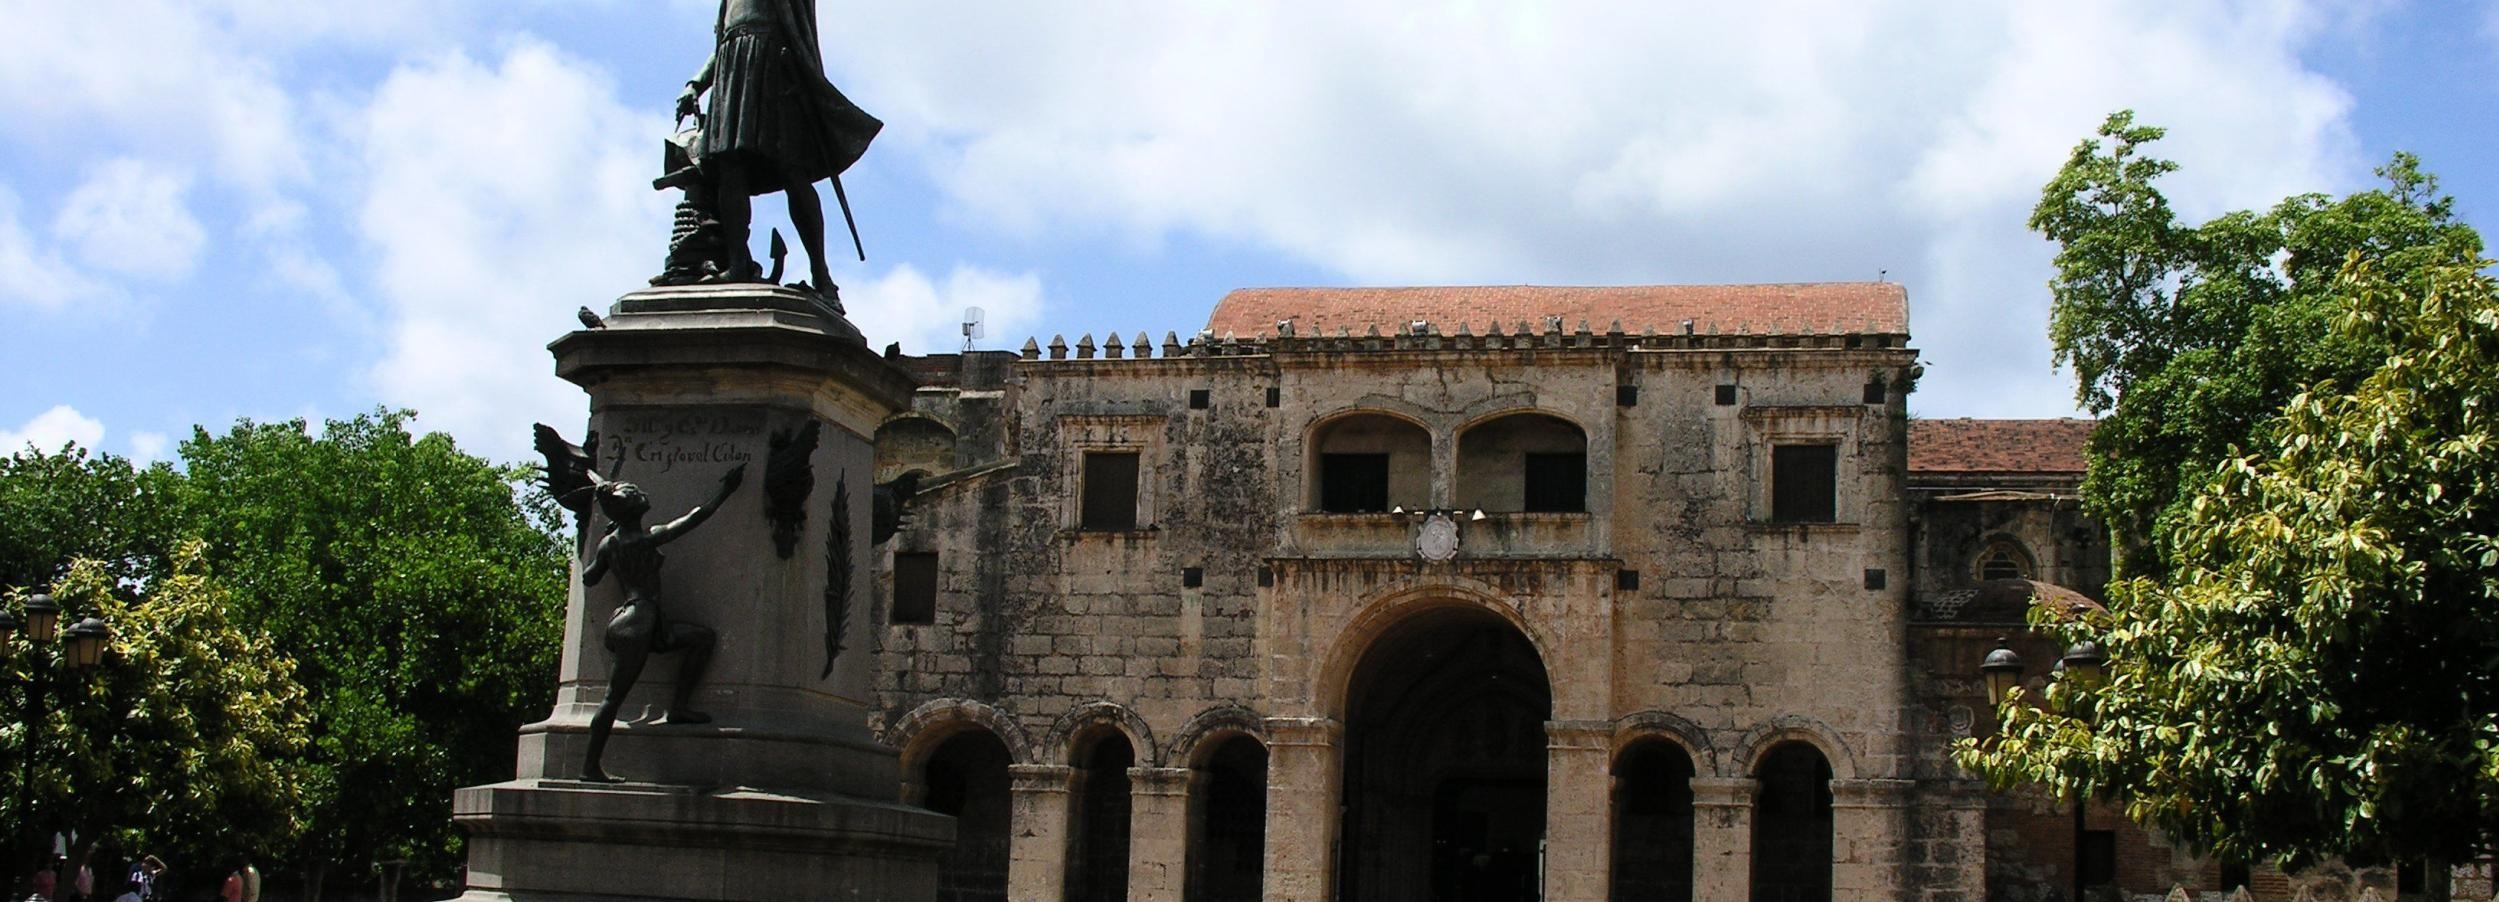 Saint-Domingue: journée d'attractions culturelles